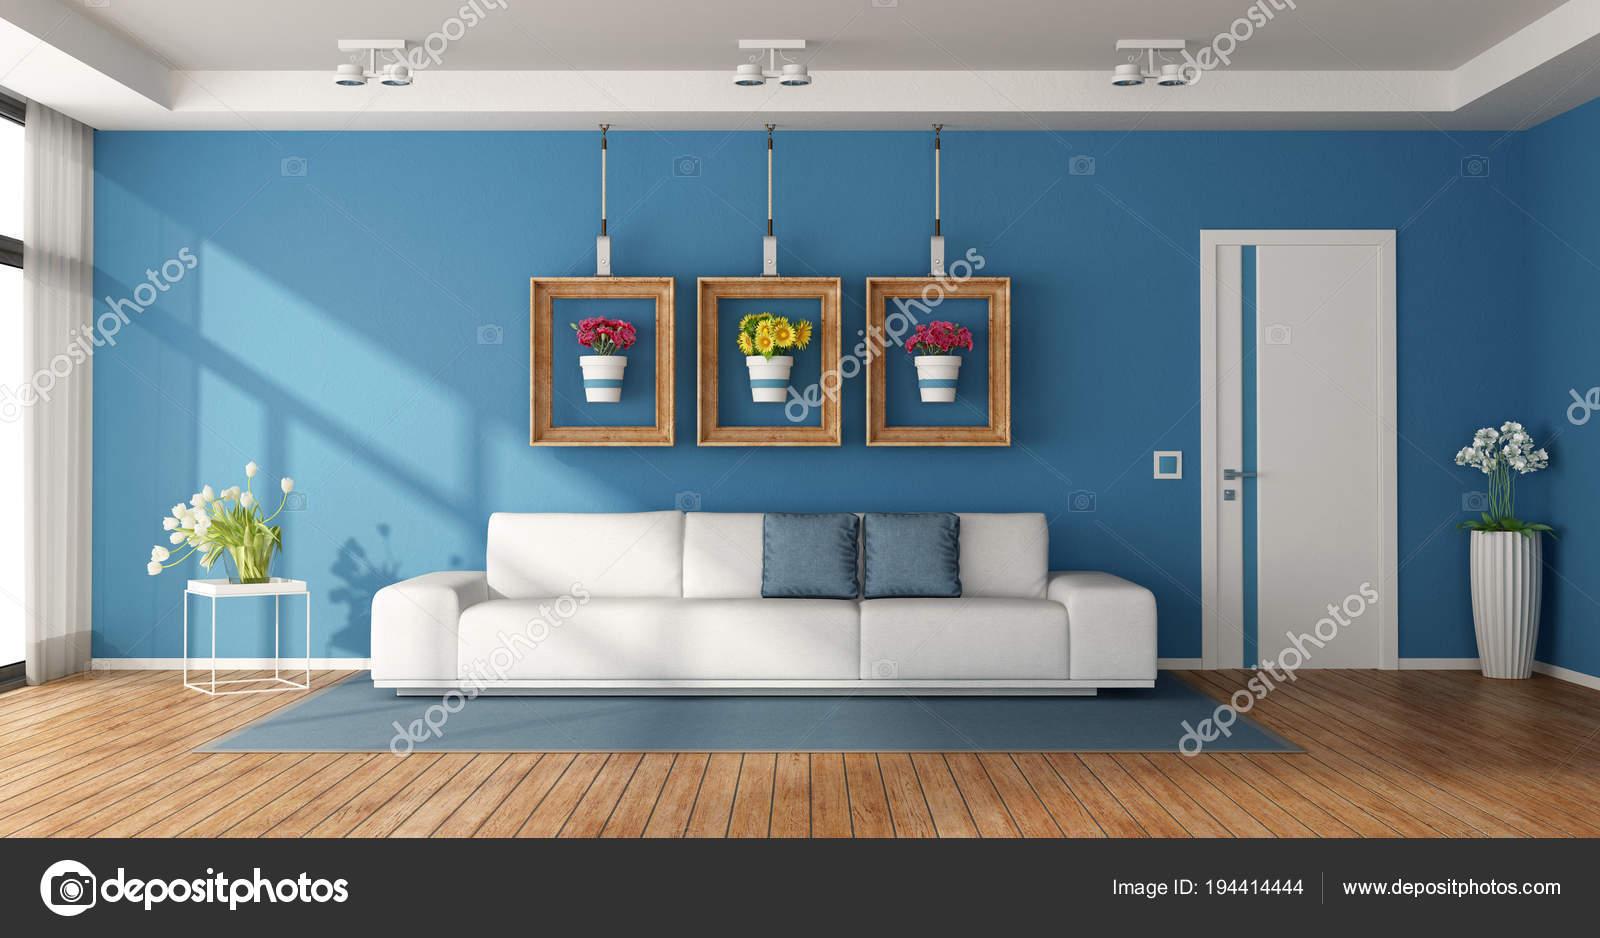 wit en blauw woonkamer — Stockfoto © archideaphoto #194414444